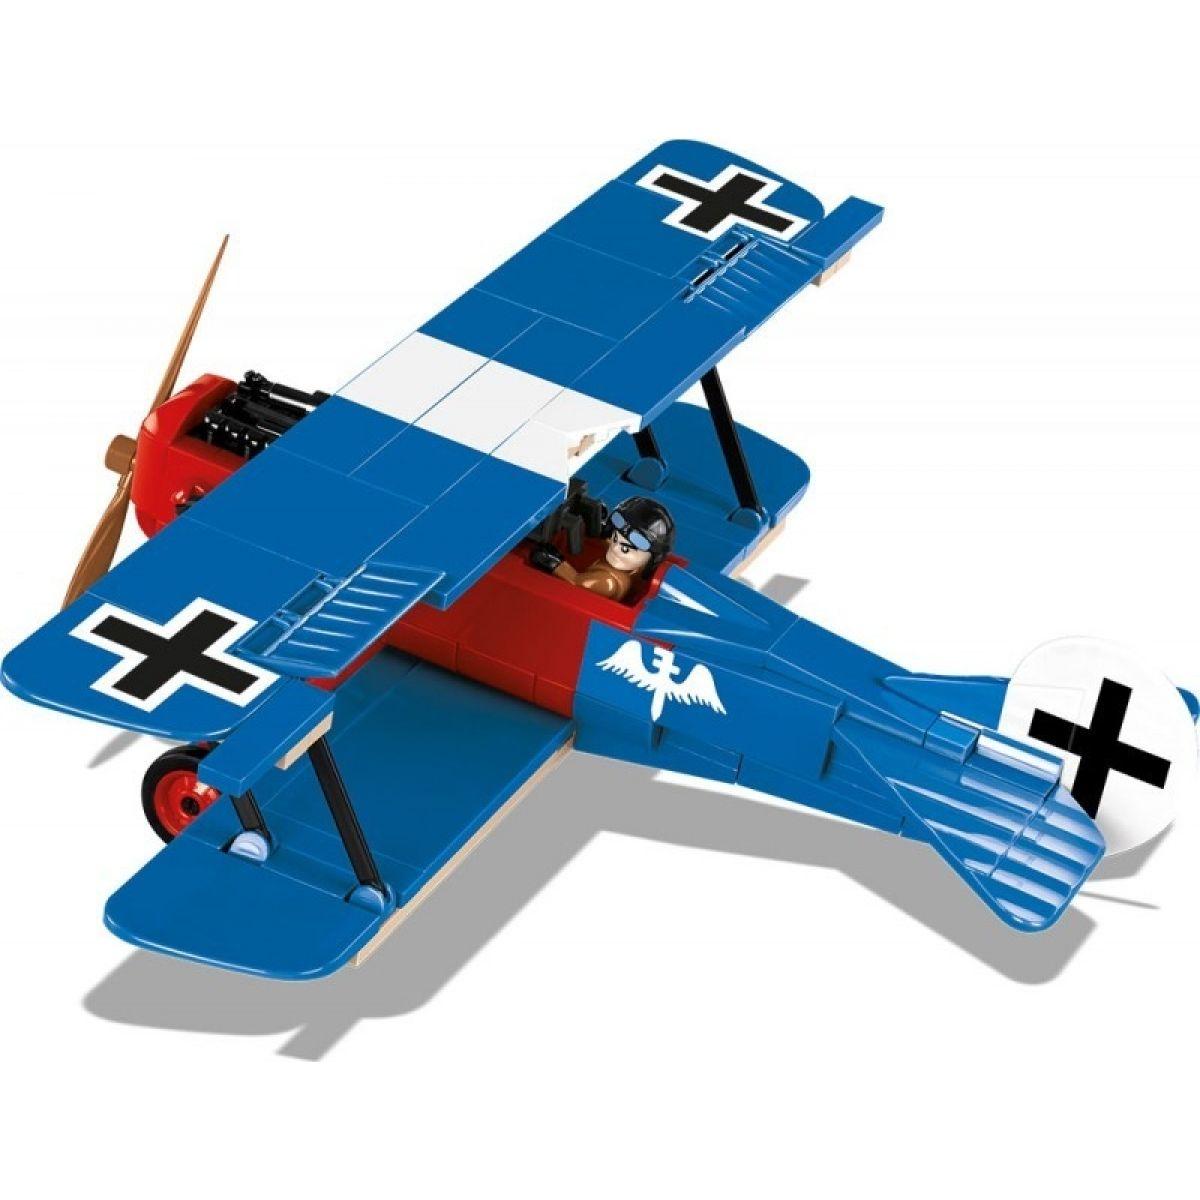 COBI 2978 GREAT WAR Fokker D. VII, 219 k, 1f